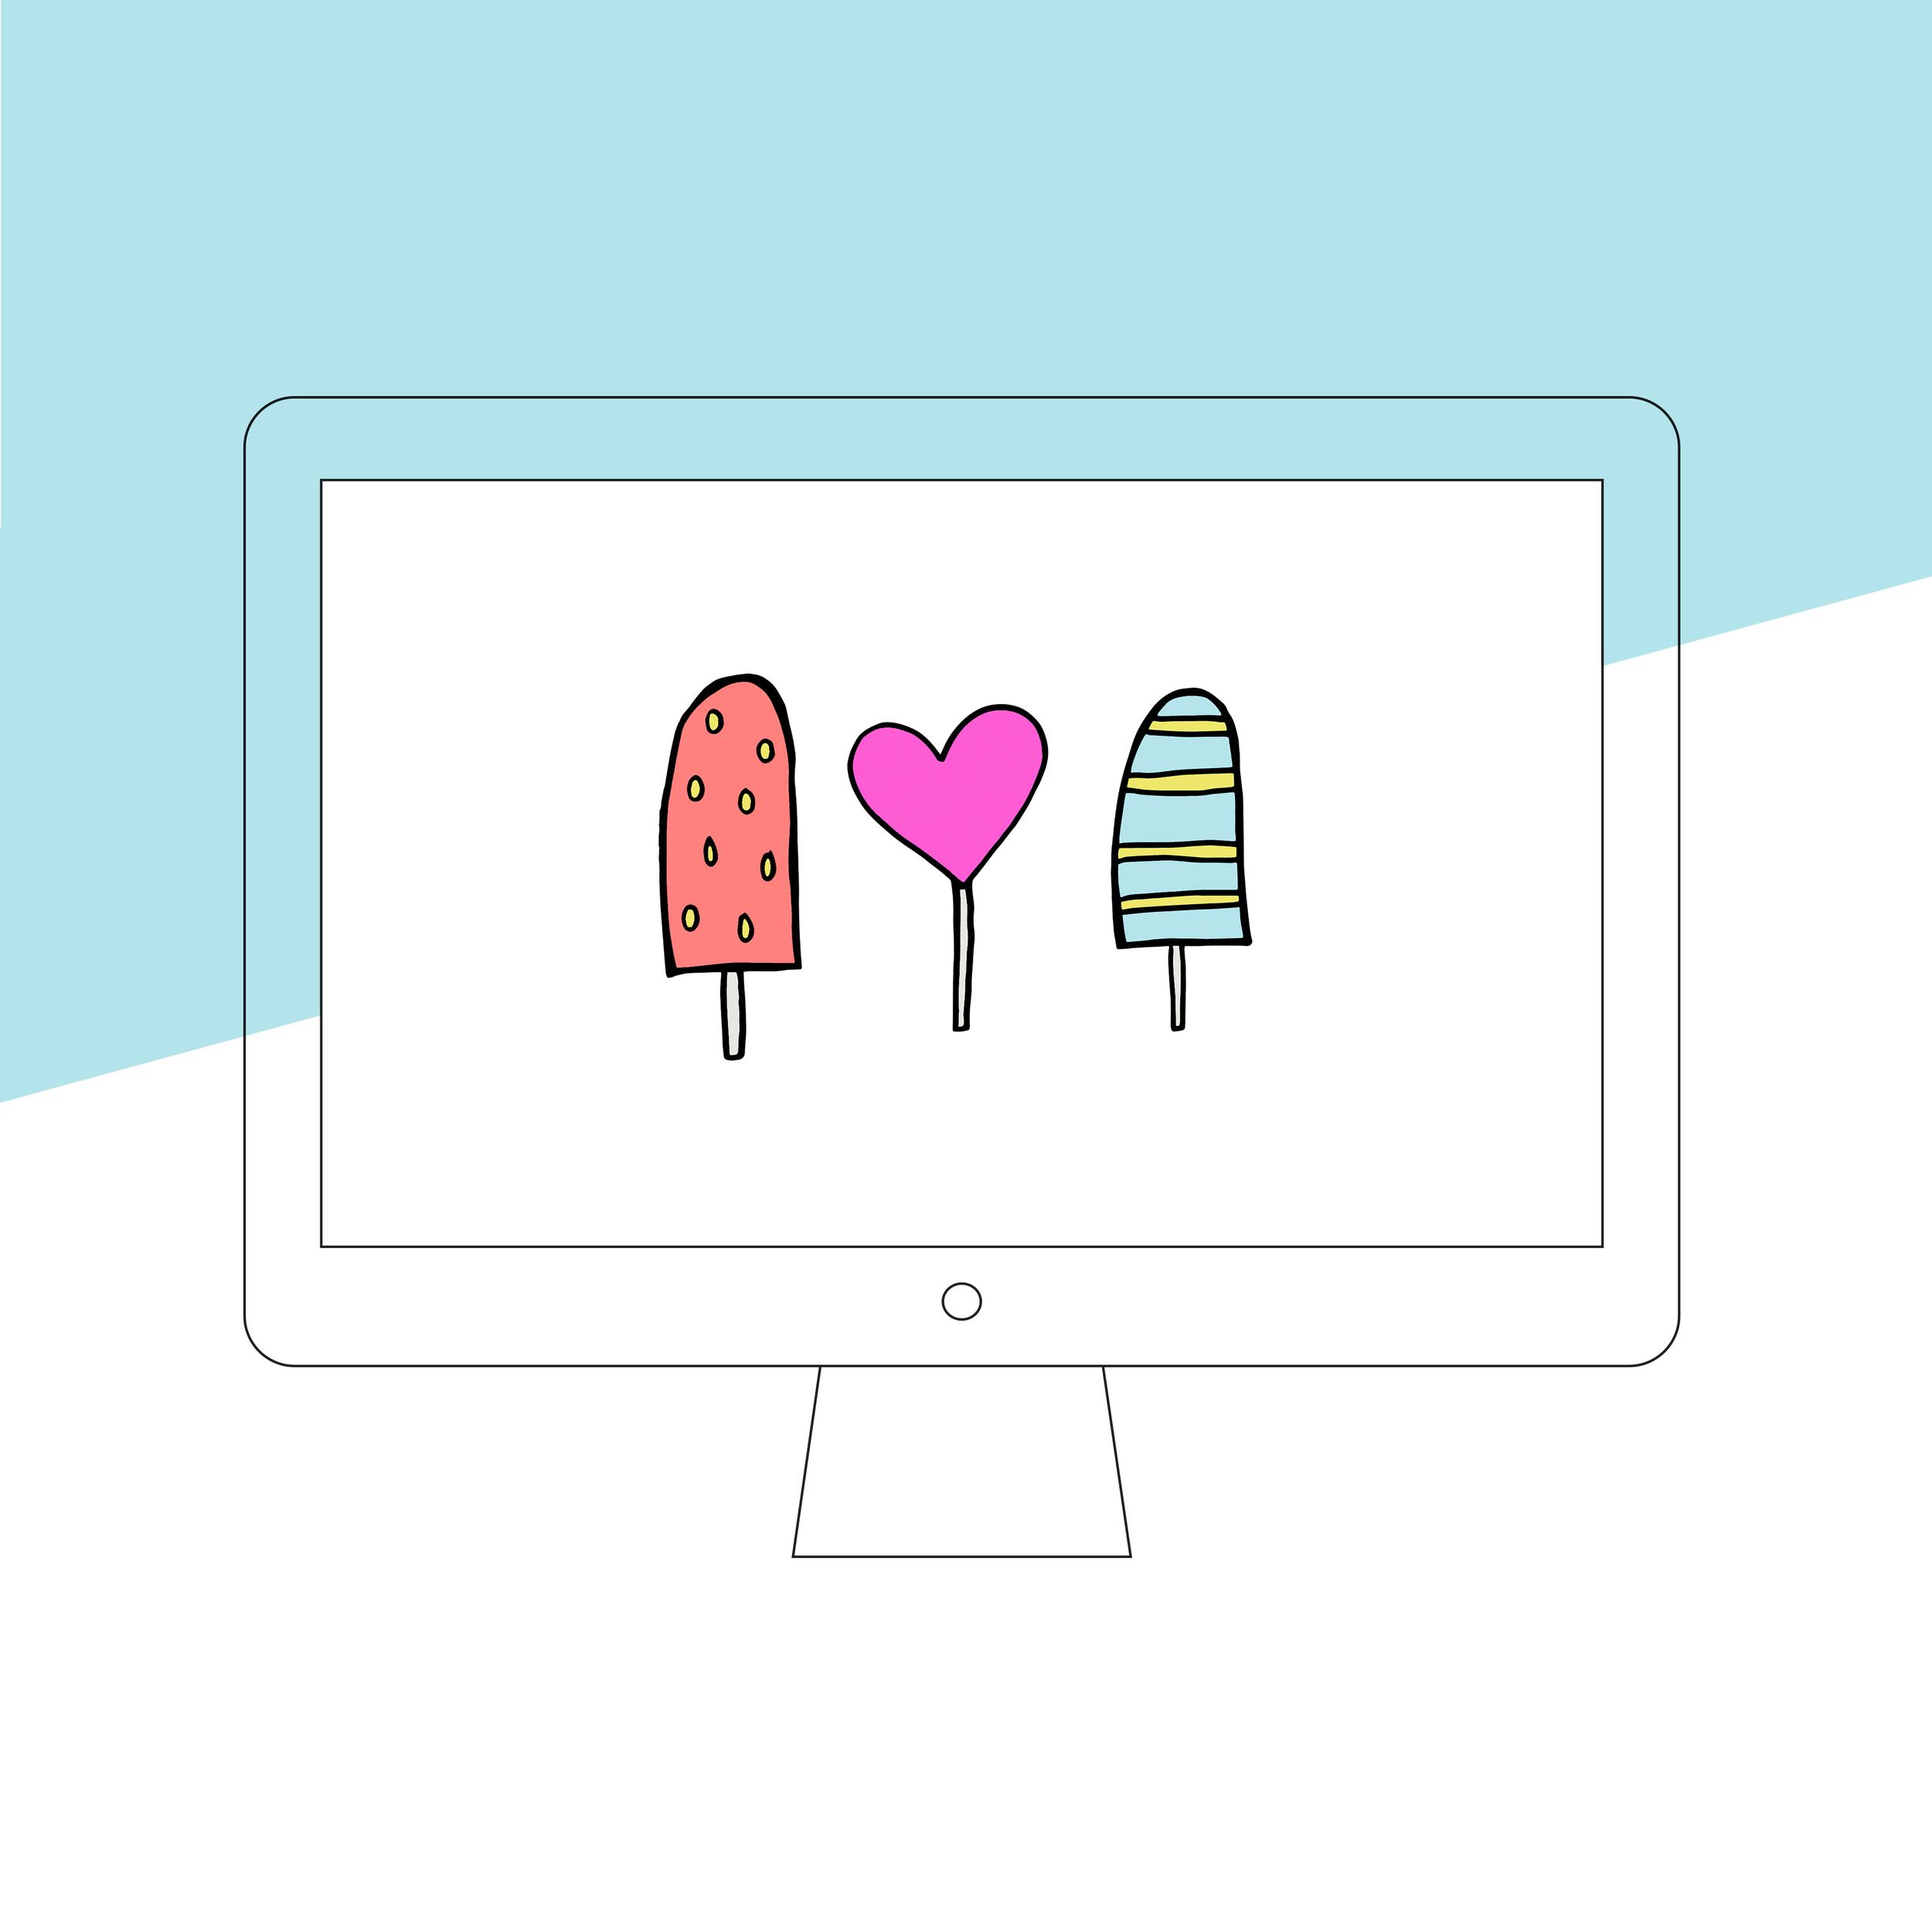 Popsicle-download-blog-image.jpg